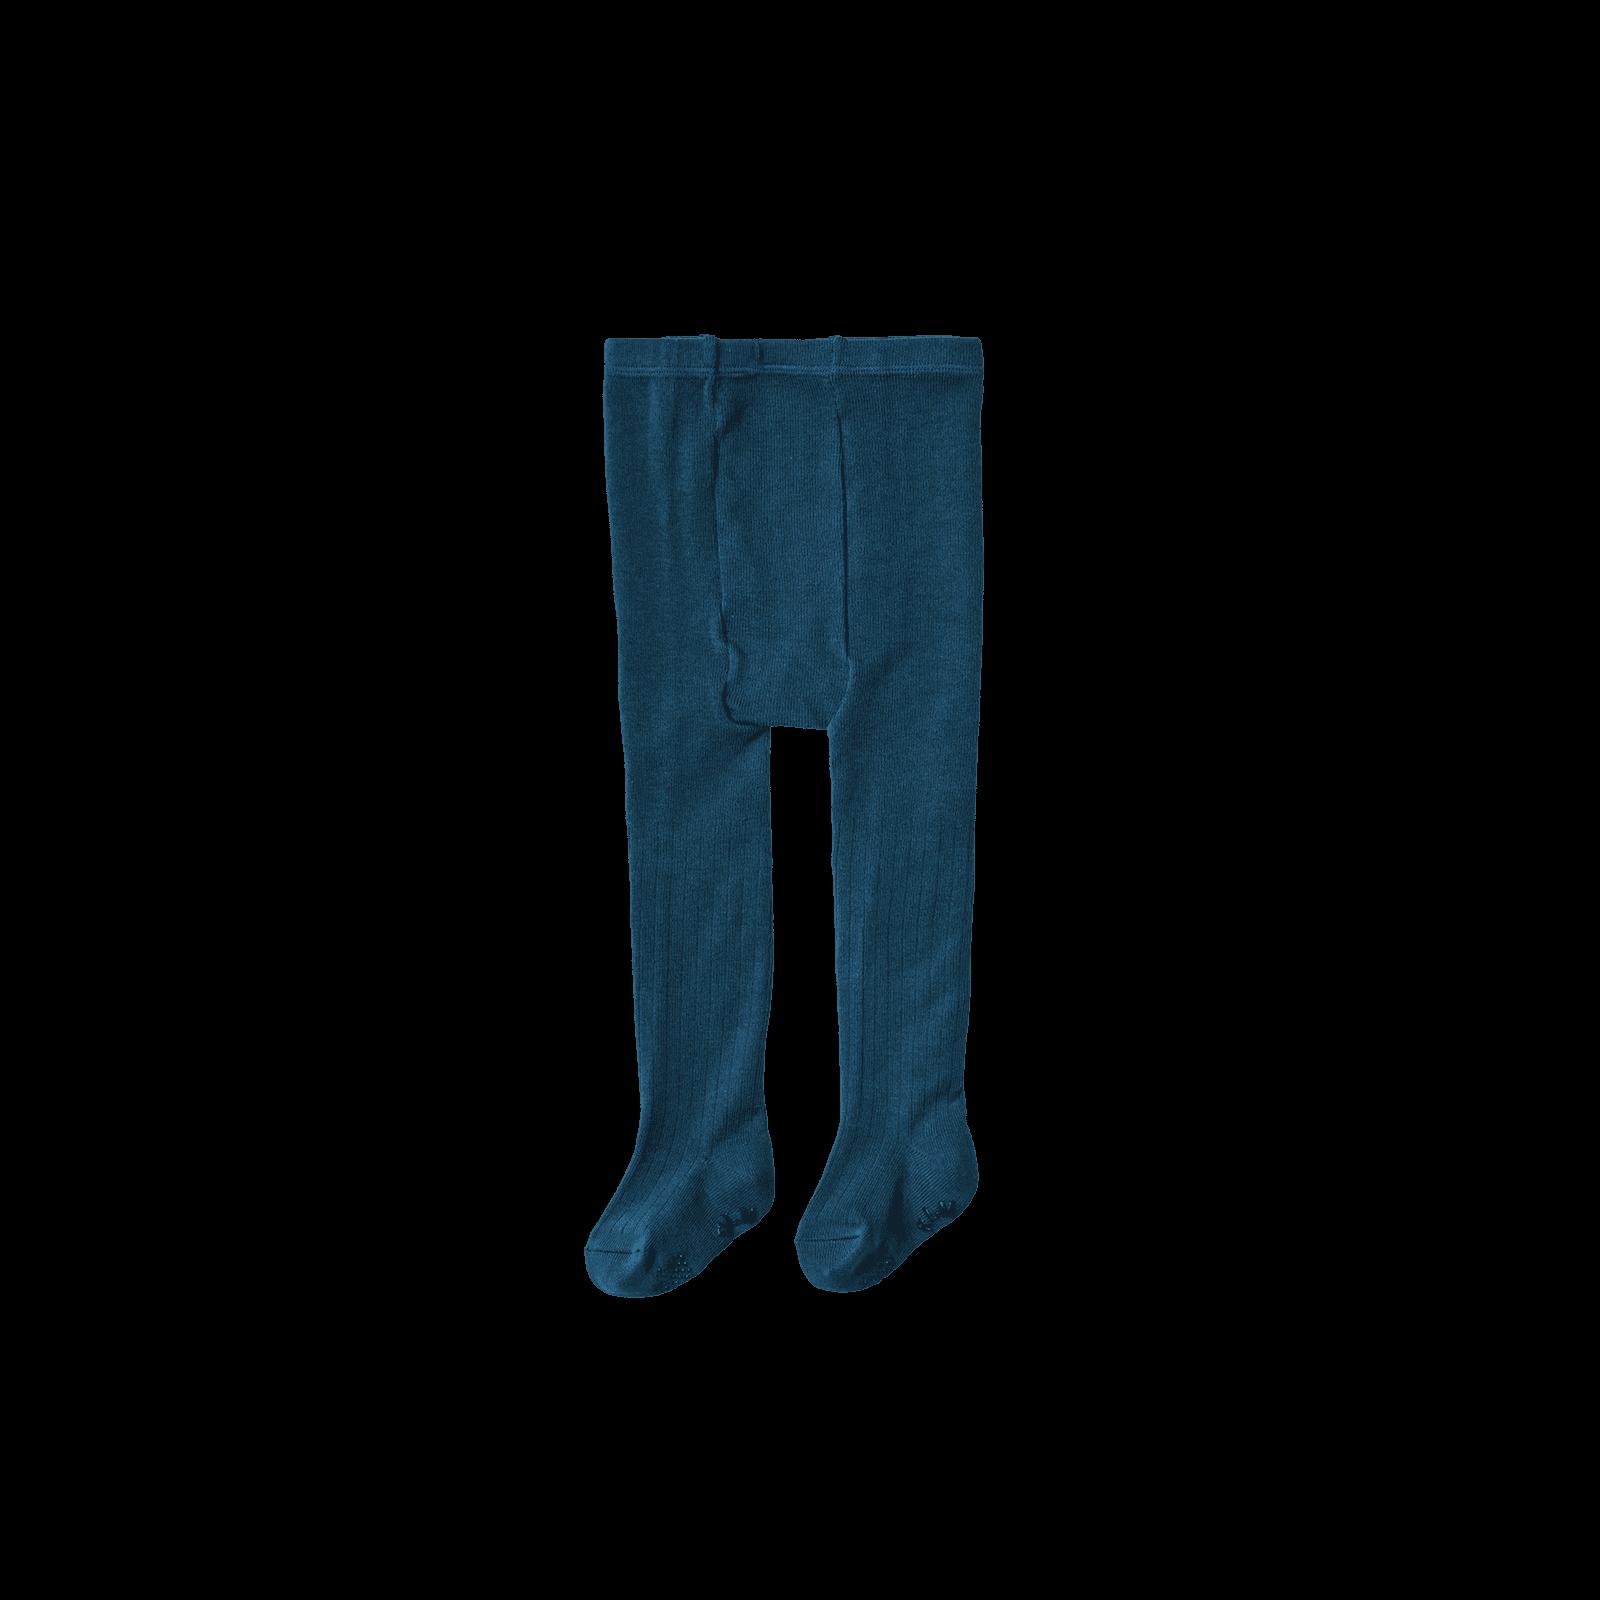 マールマール 男の子用、6ヶ月~12ヶ月 tights 4 shadow blue